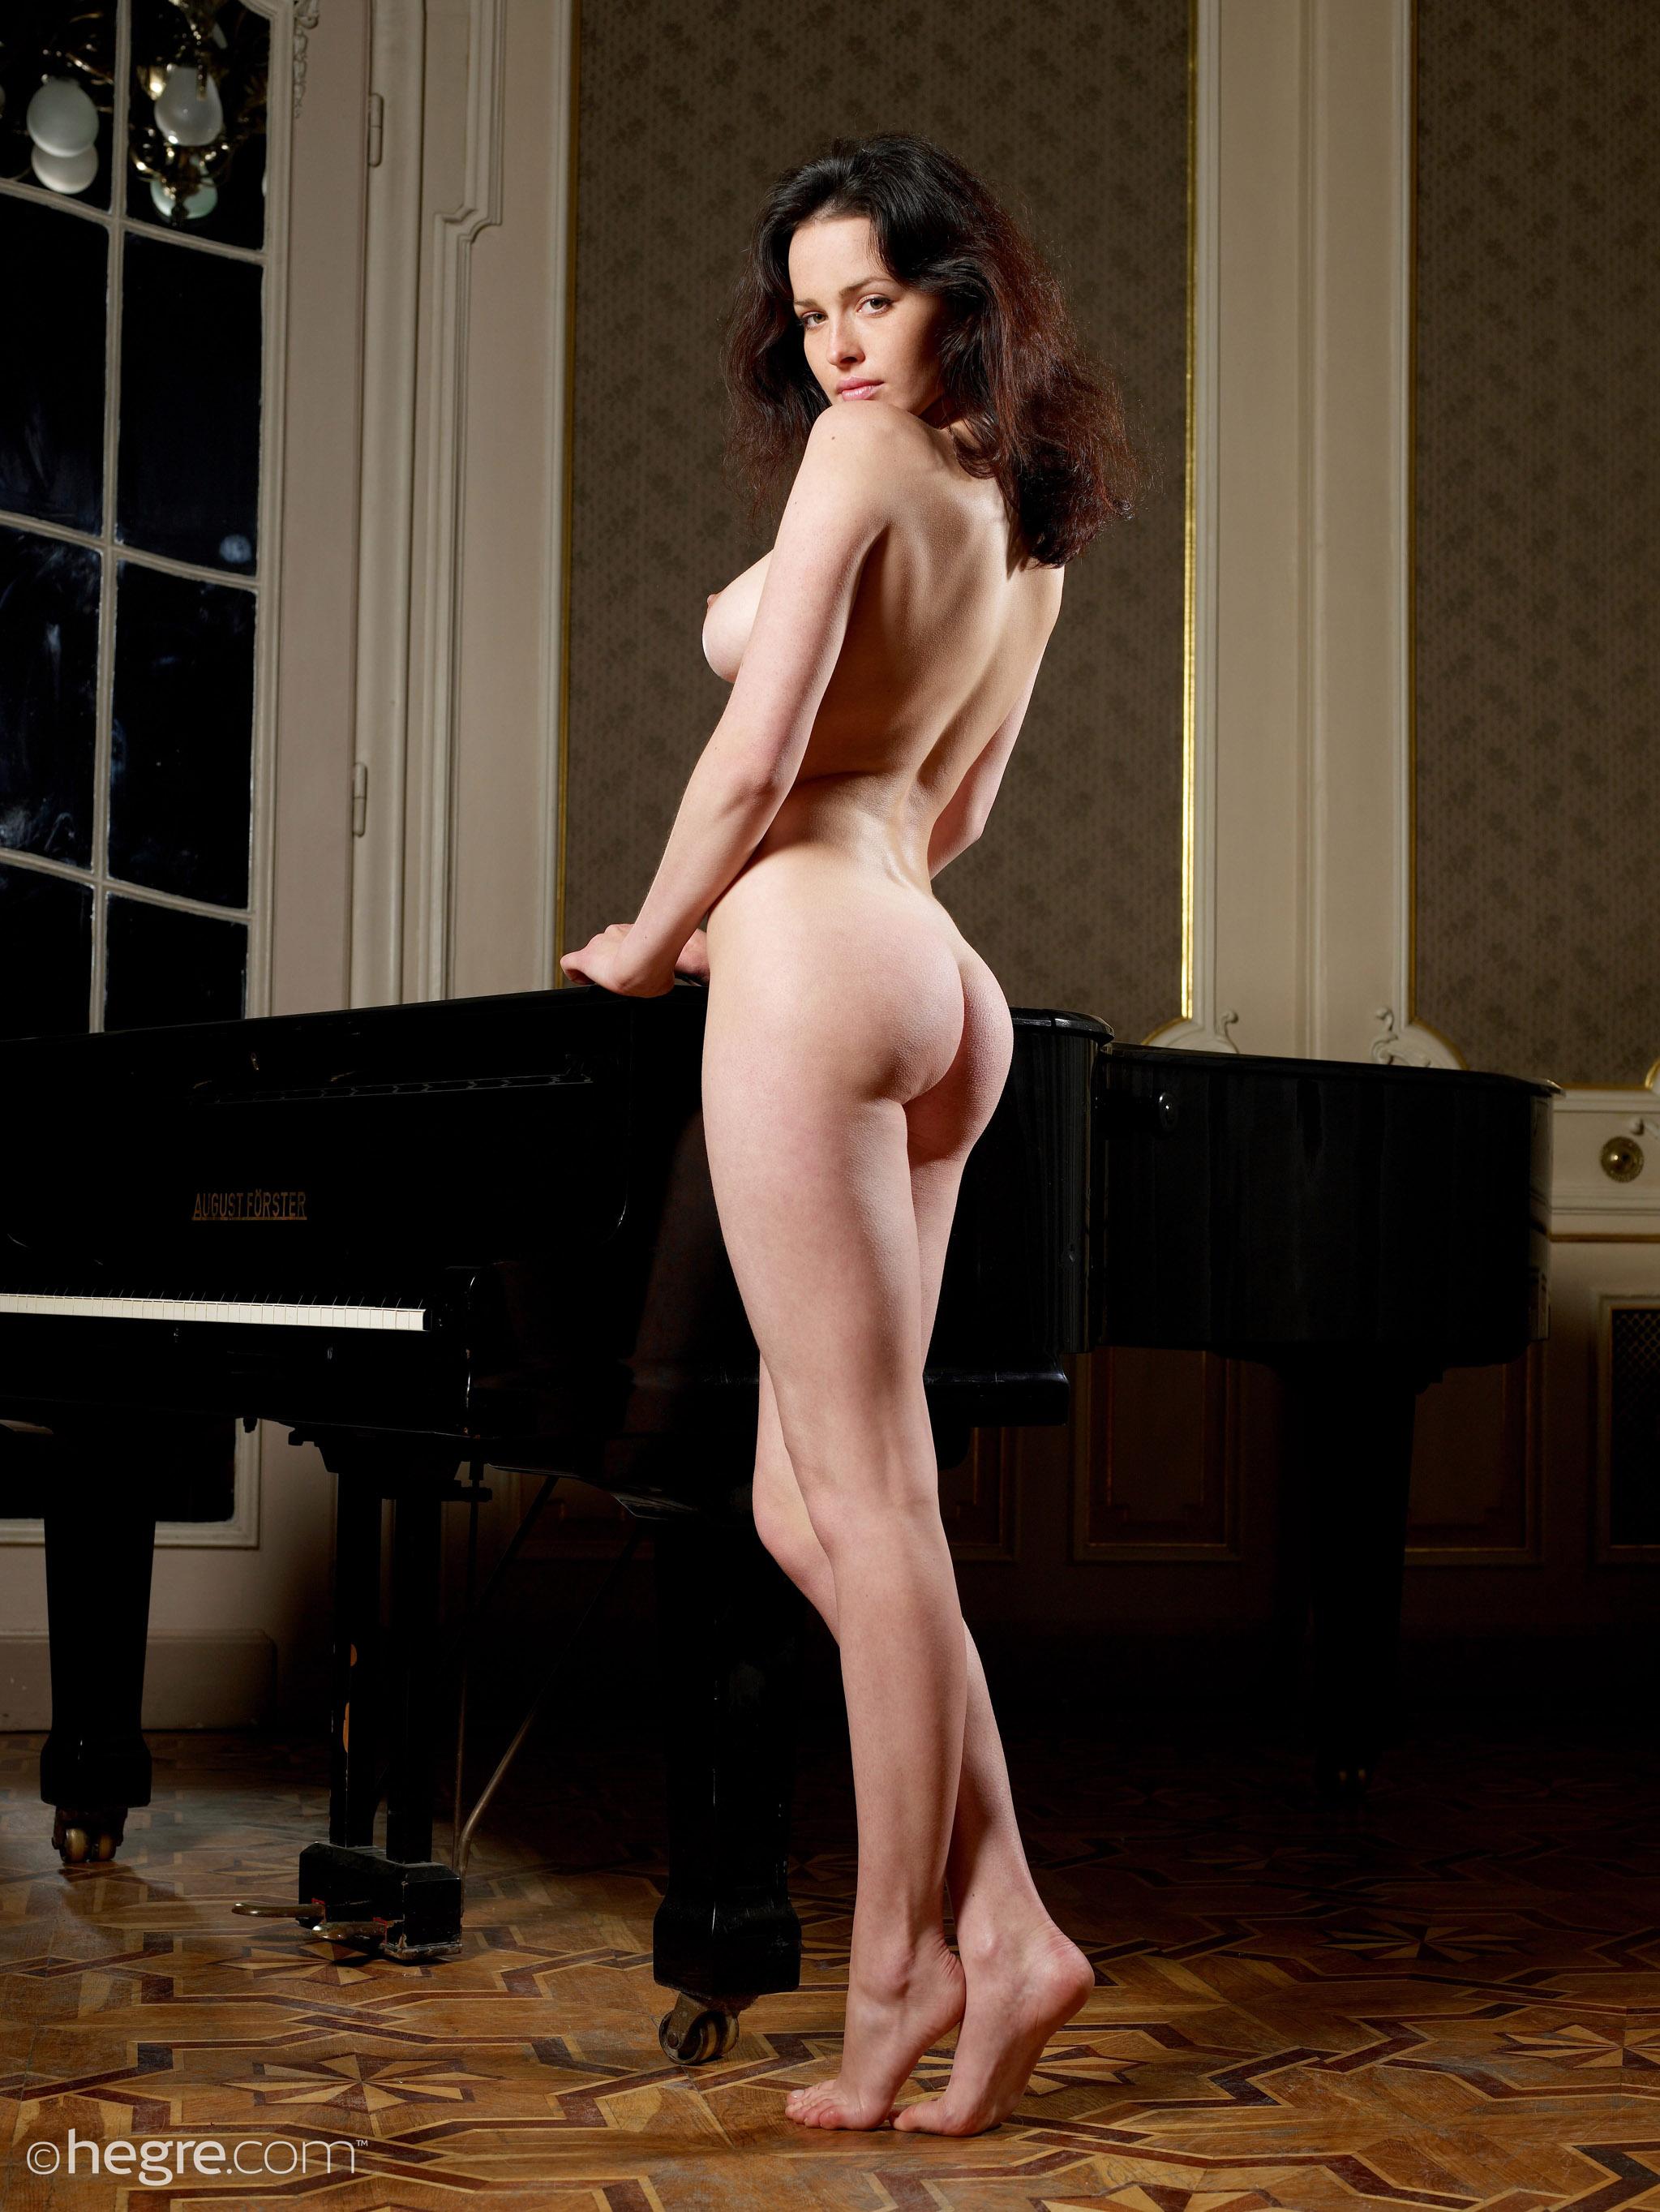 dasha-astafieva-nude-pictures